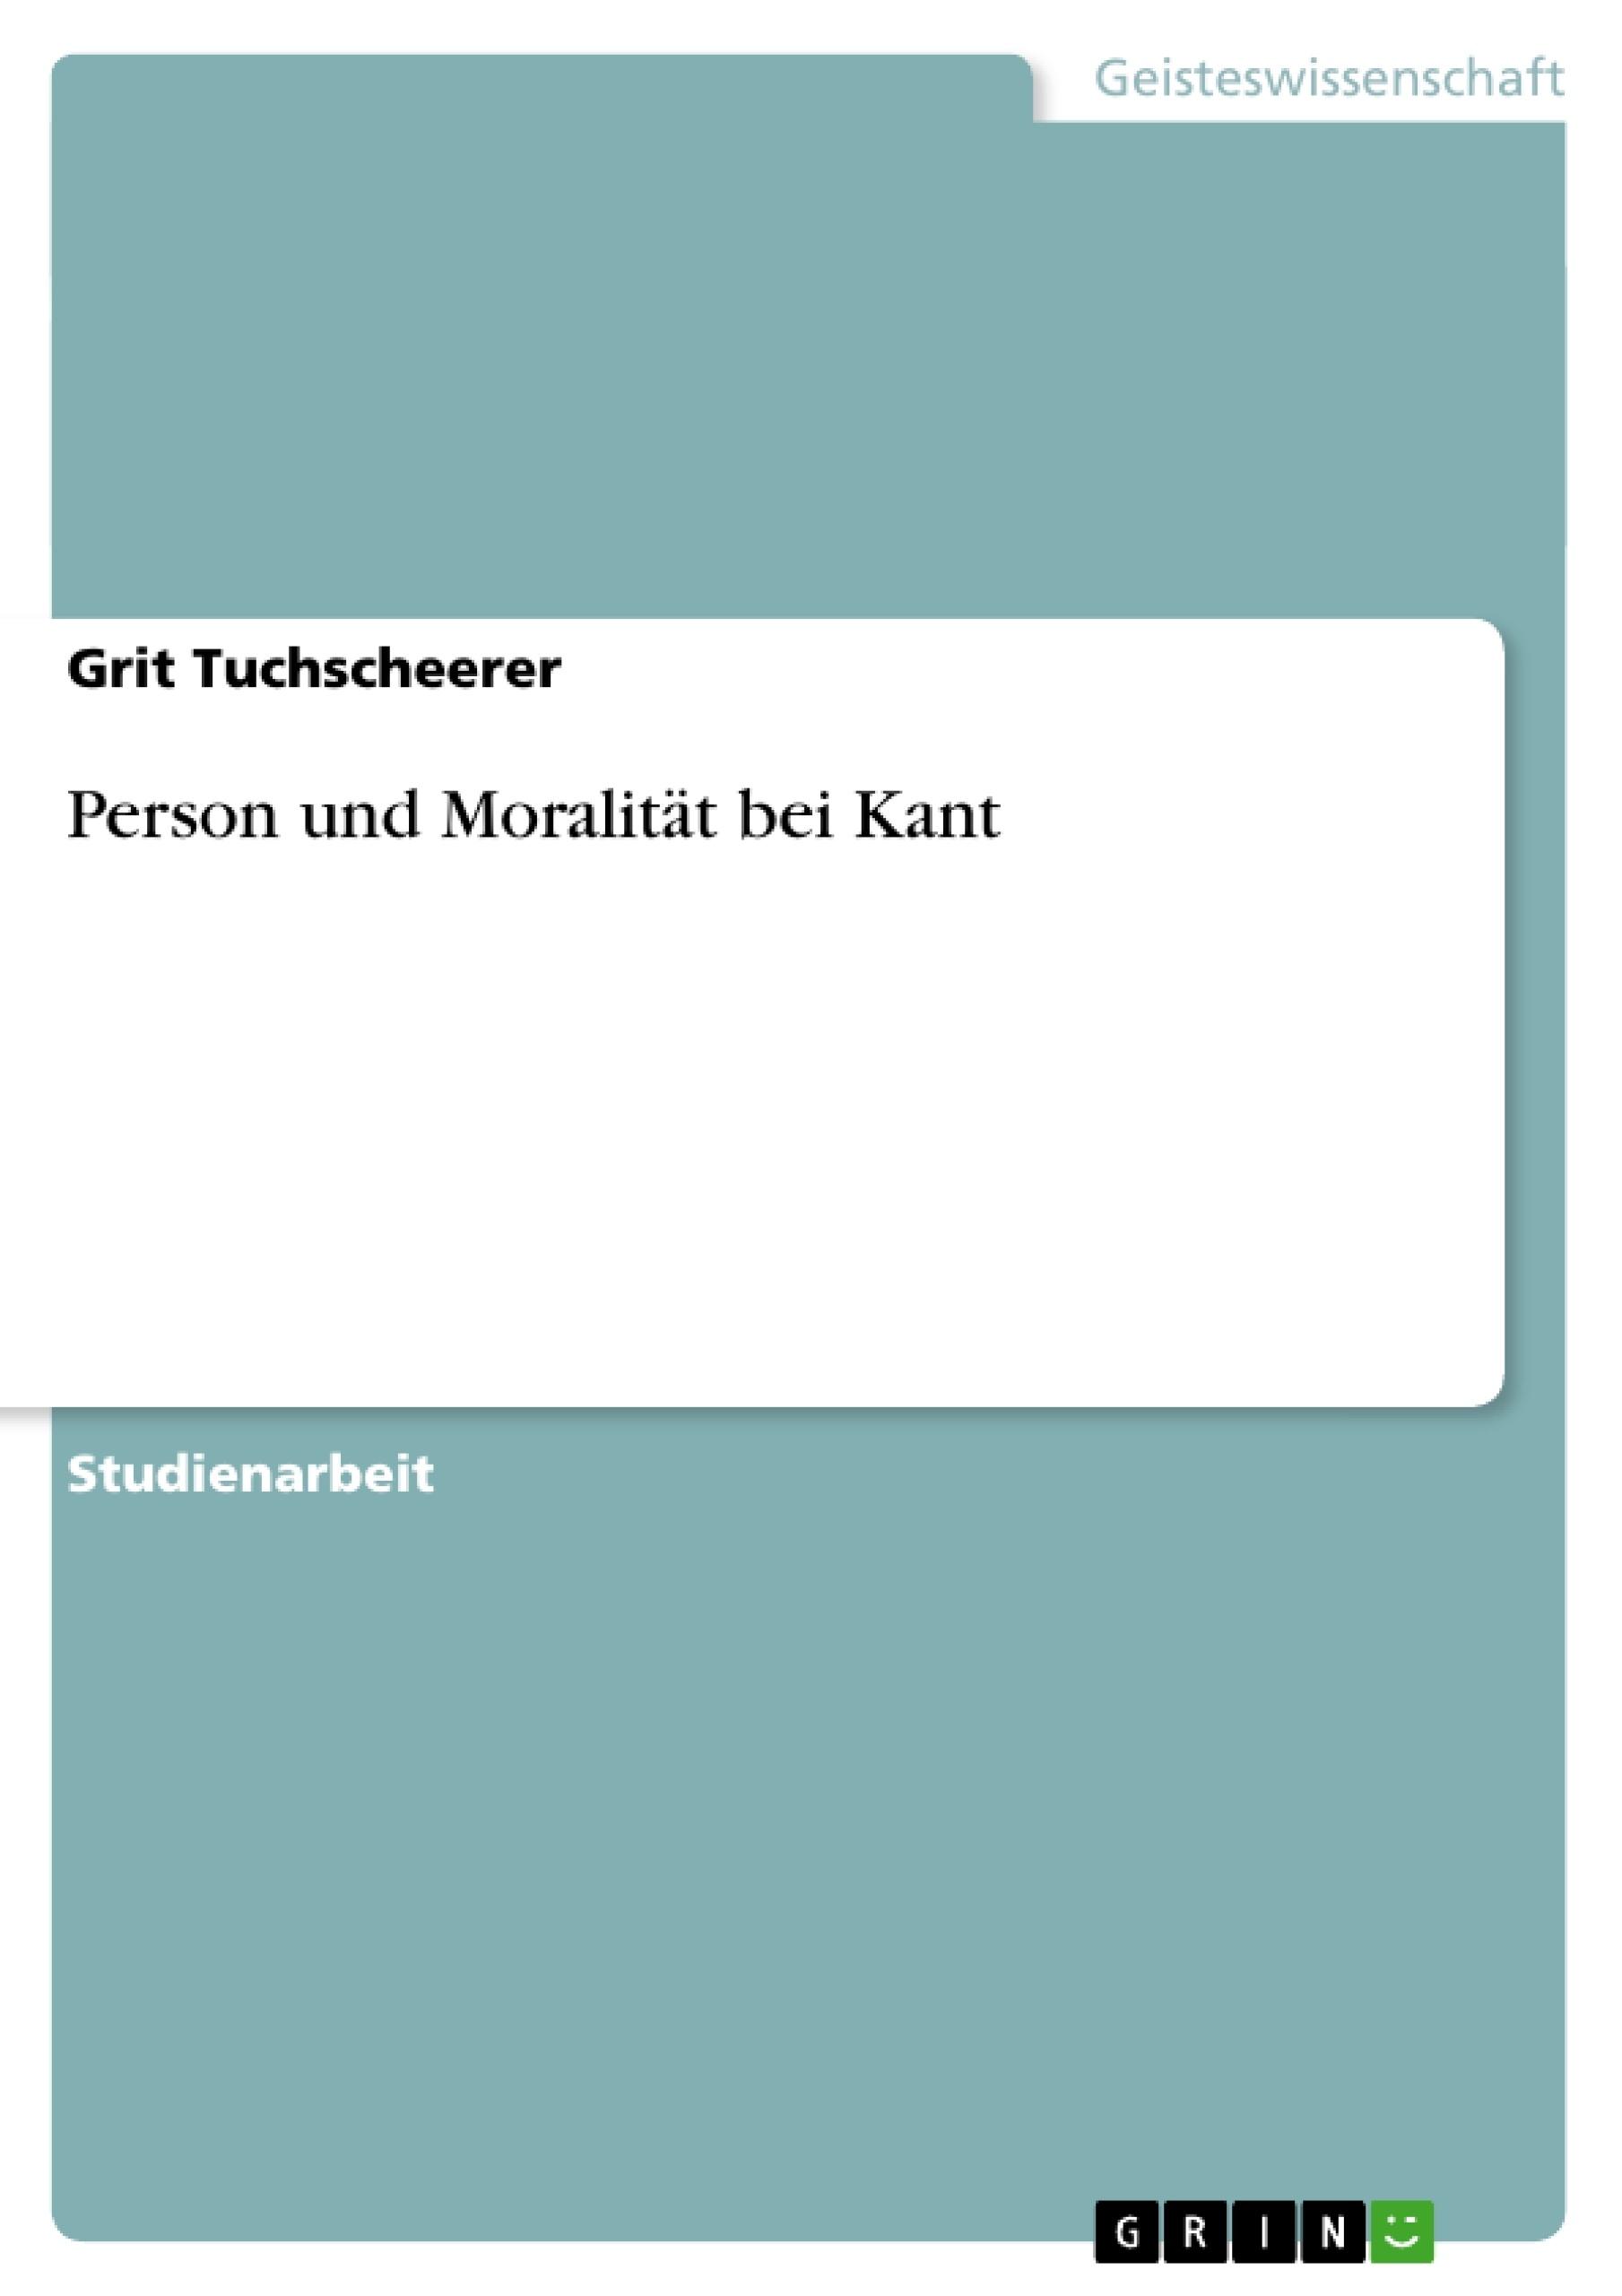 Titel: Person und Moralität bei Kant